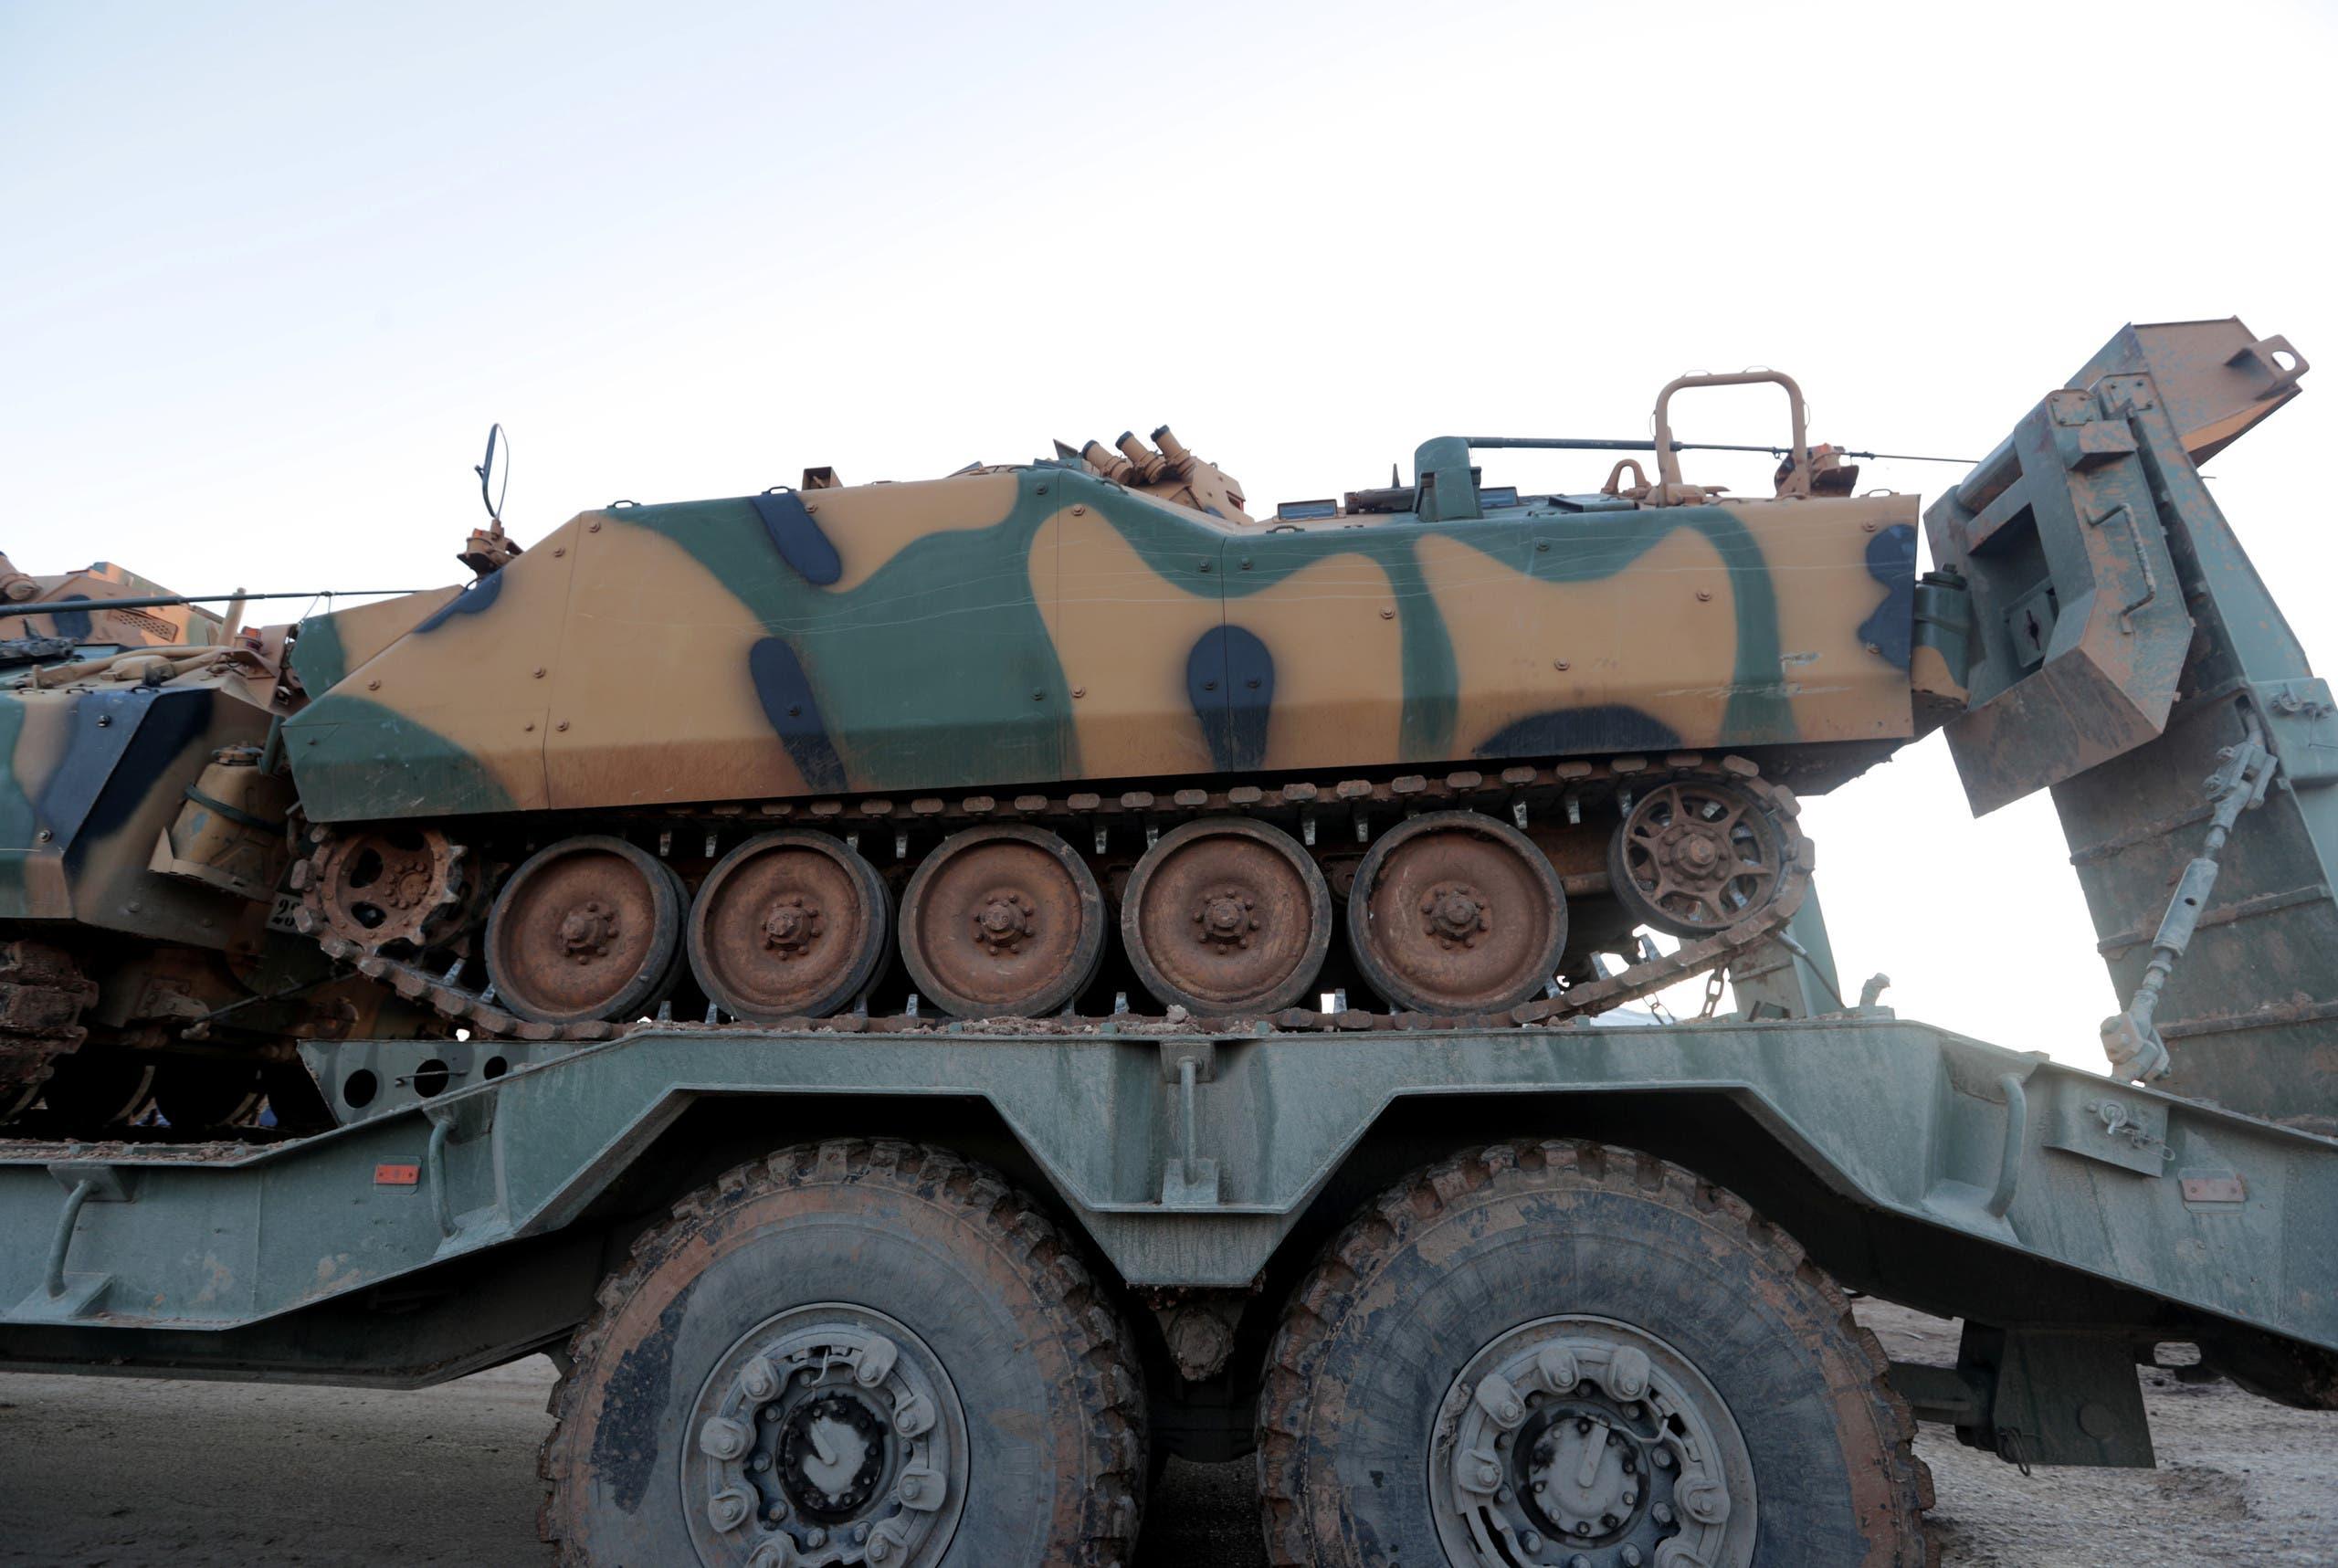 آلية عسكرية تركية تدخل سوريا مساء الأحد